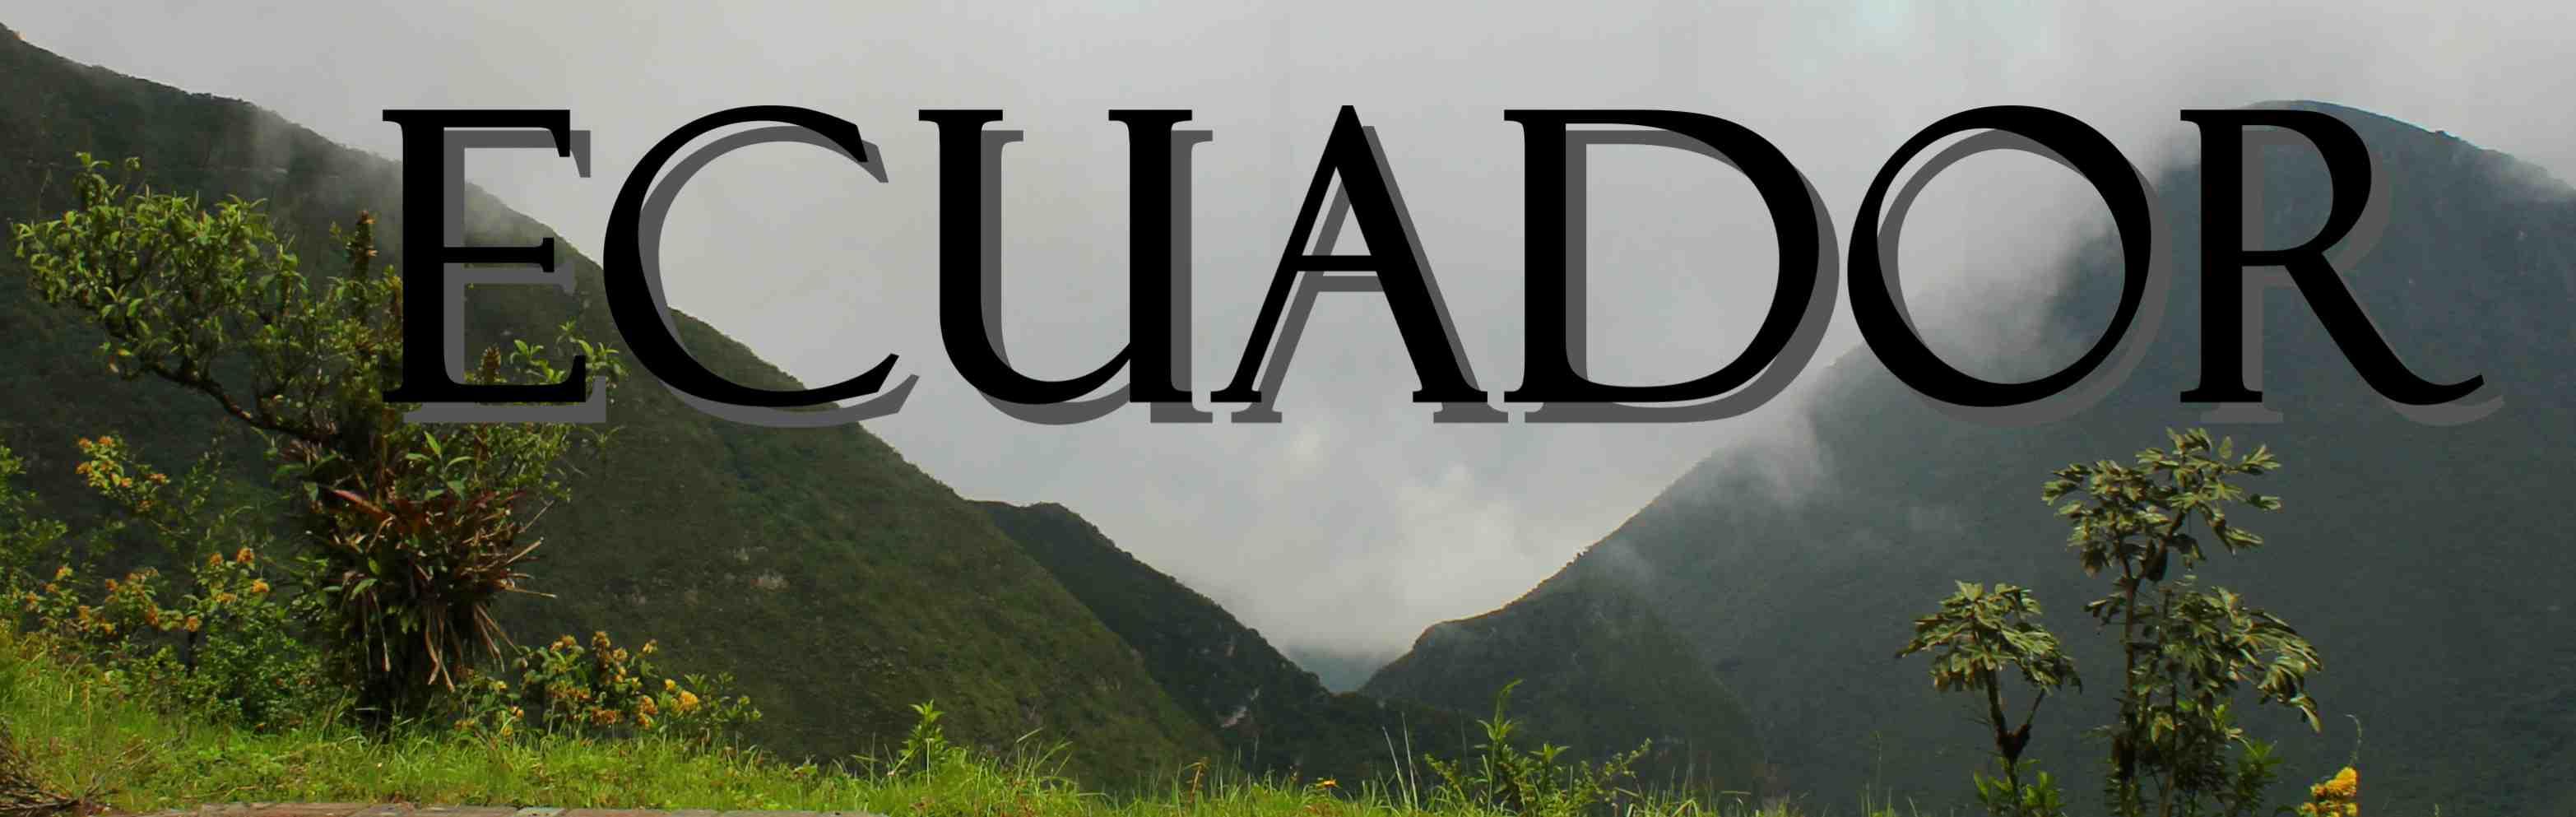 ecuador-banner